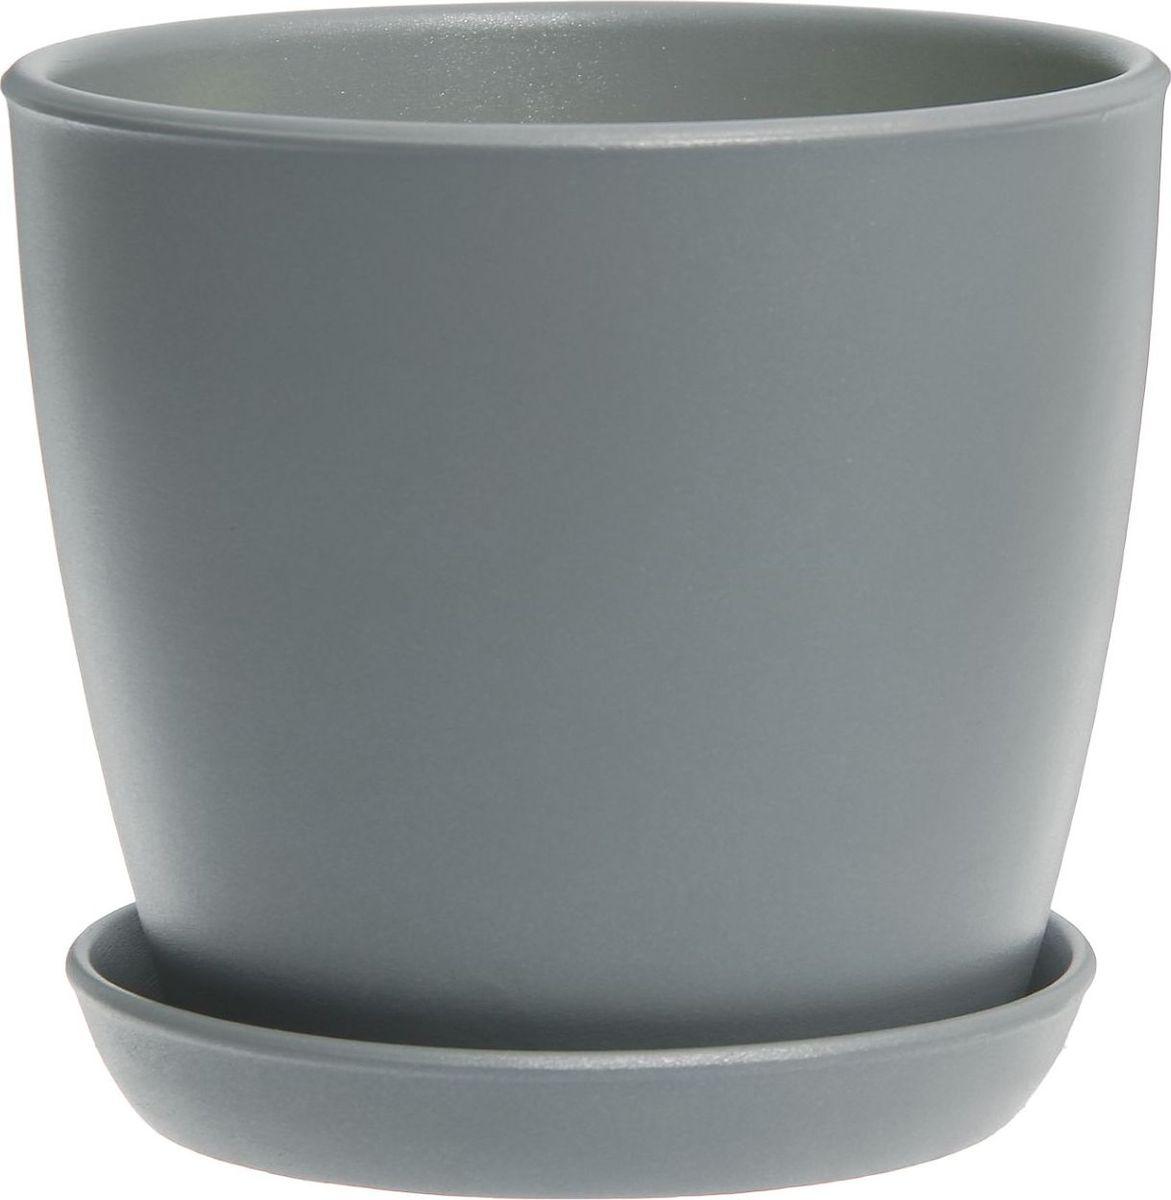 Кашпо Керамика ручной работы Виктория, цвет: серый, 4 л531-401Кашпо серии «Каменный цветок» выполнено из белой глины методом формовки и покрыто лаком. Керамическая ёмкость имеет объём, оптимальный для создания наилучших условий развития большинства растений.Устойчивый глубокий поддон защитит поверхность стола или подставки от жидкости.Благодаря строгим стандартам производства изделия отличаются правильной формой, отсутствием дефектов, имеют достаточную тяжесть для надёжной фиксации конструкции.Окраска моделей не восприимчива к прямым солнечным лучам, а в цветовой гамме преобладают яркие и насыщенные оттенки.Красота, удобство и долговечность кашпо серии «Каменный цветок» порадует любителей высококачественных аксессуаров для комнатных растений.